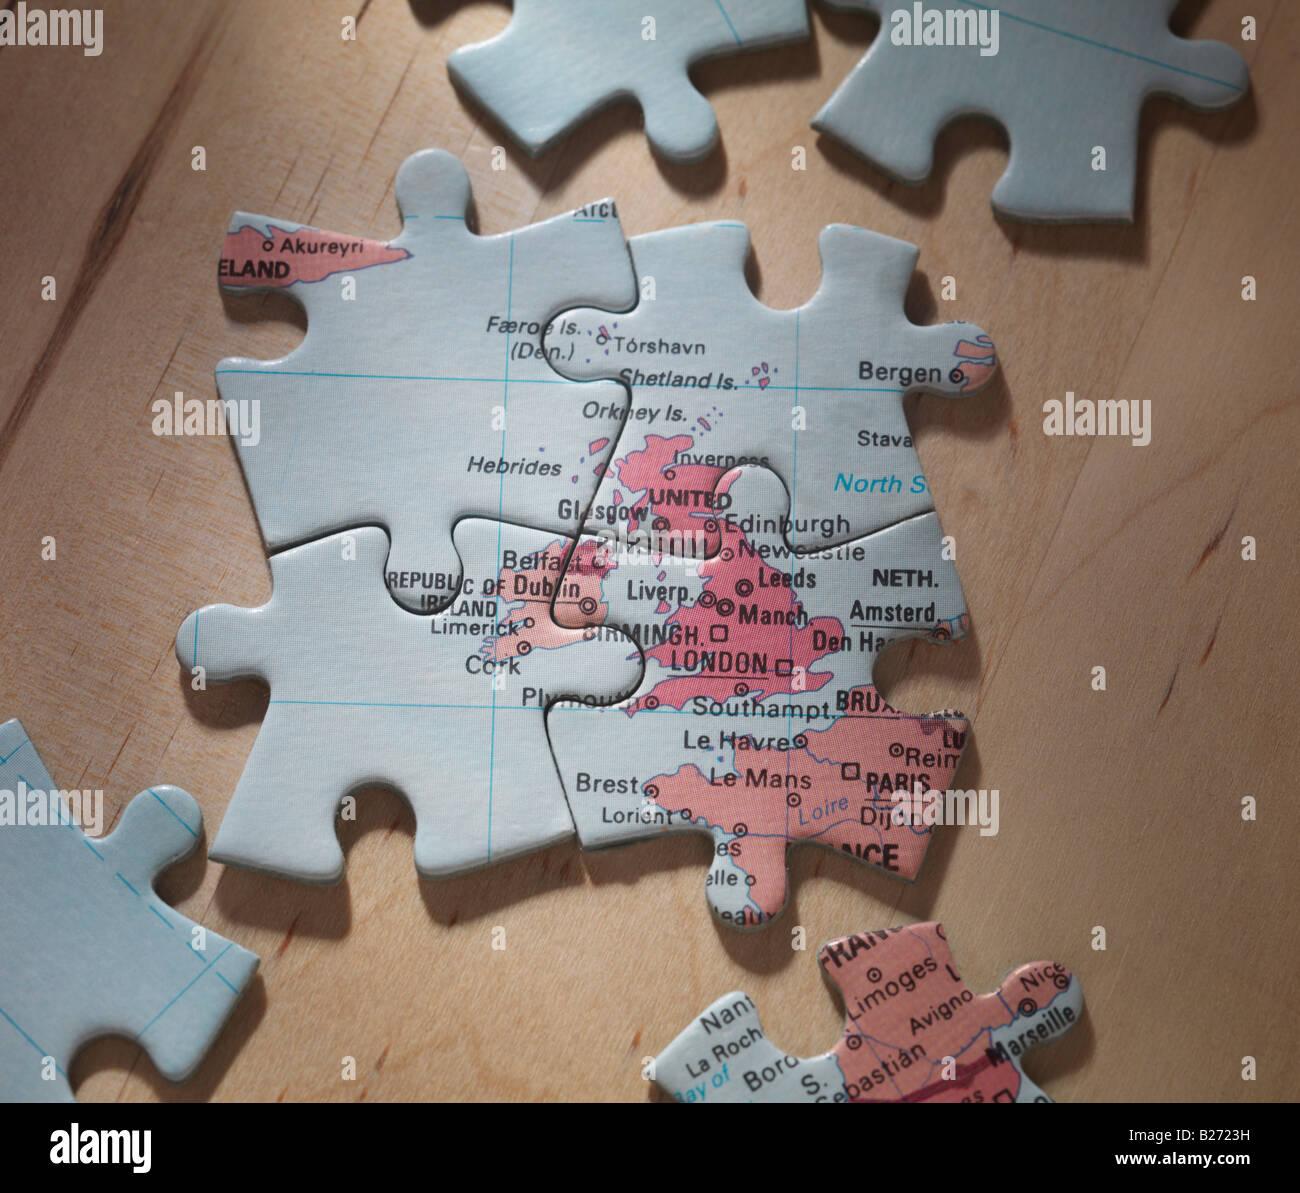 Britischen Inseln auf Jigsaw puzzle Stockbild